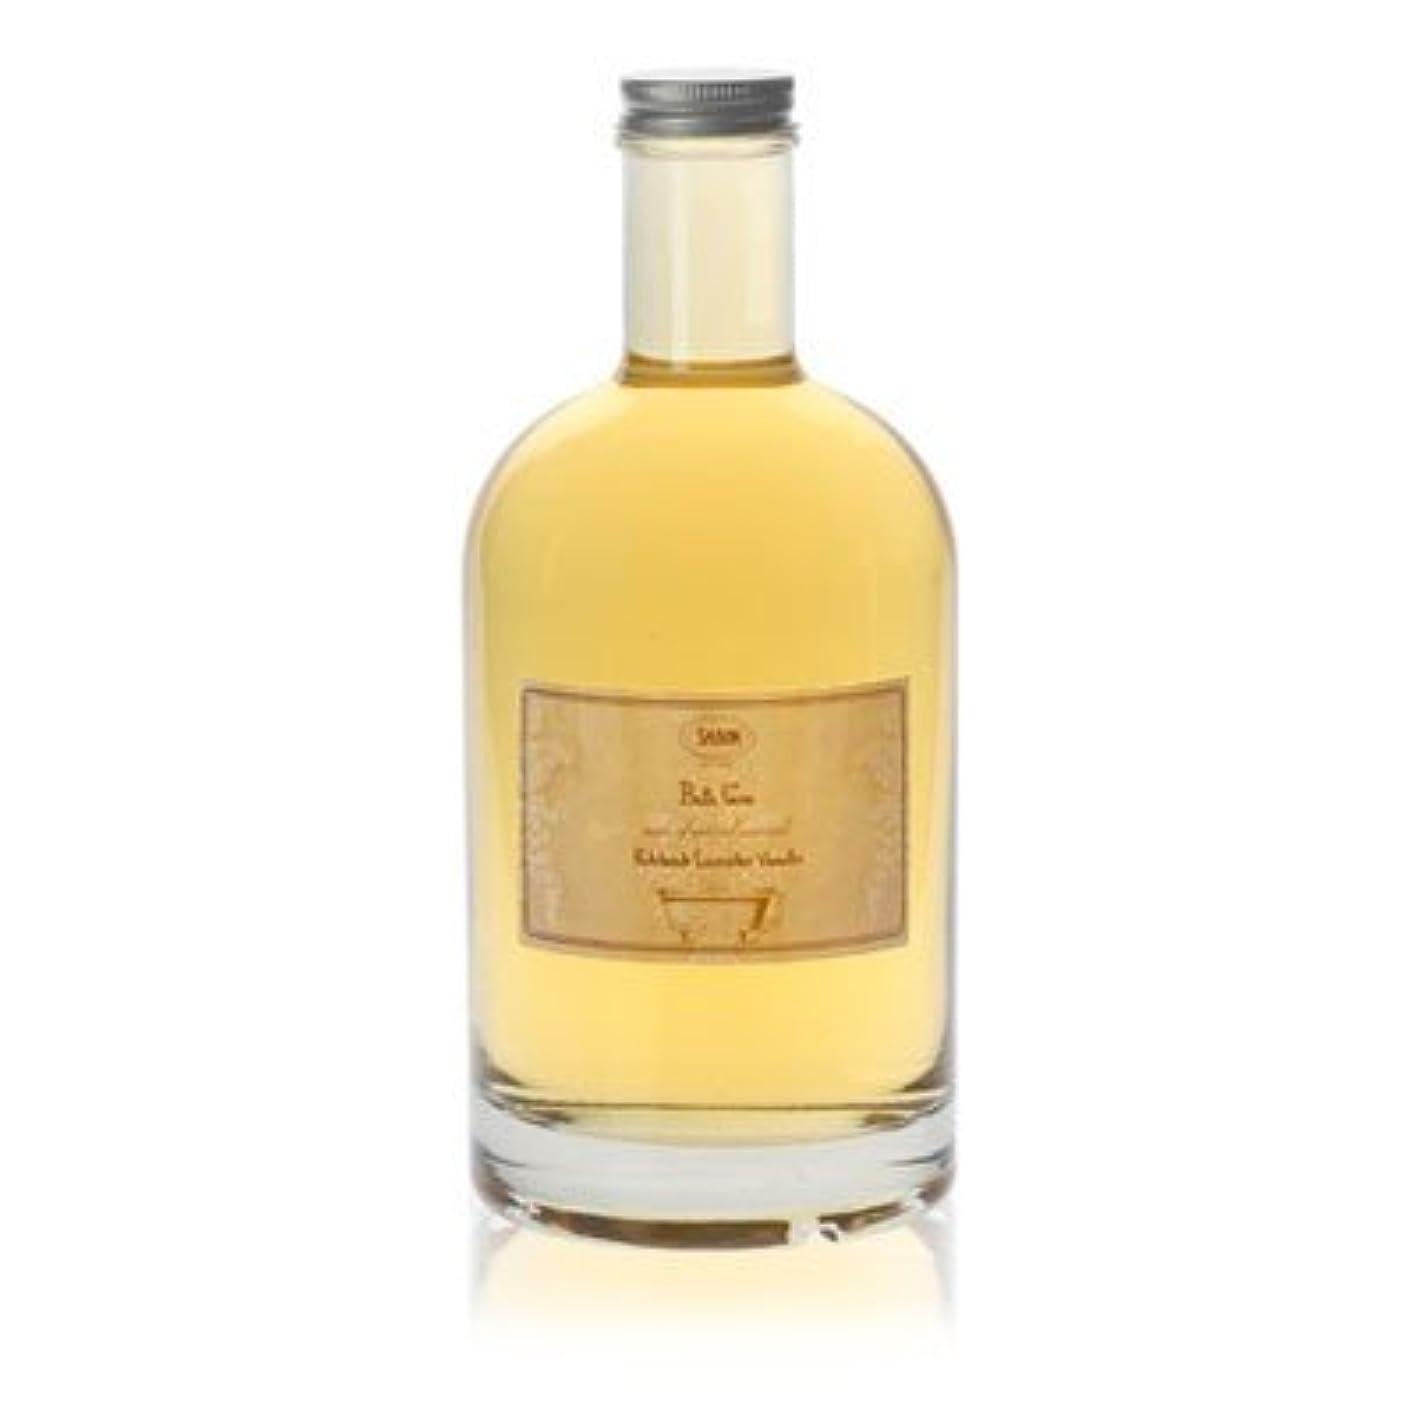 意気消沈した悪い定期的に【SABON(サボン)】Bath Foam Patchouli Lavender Vanilla バス フォーム パチョリ ラベンダー バニラ